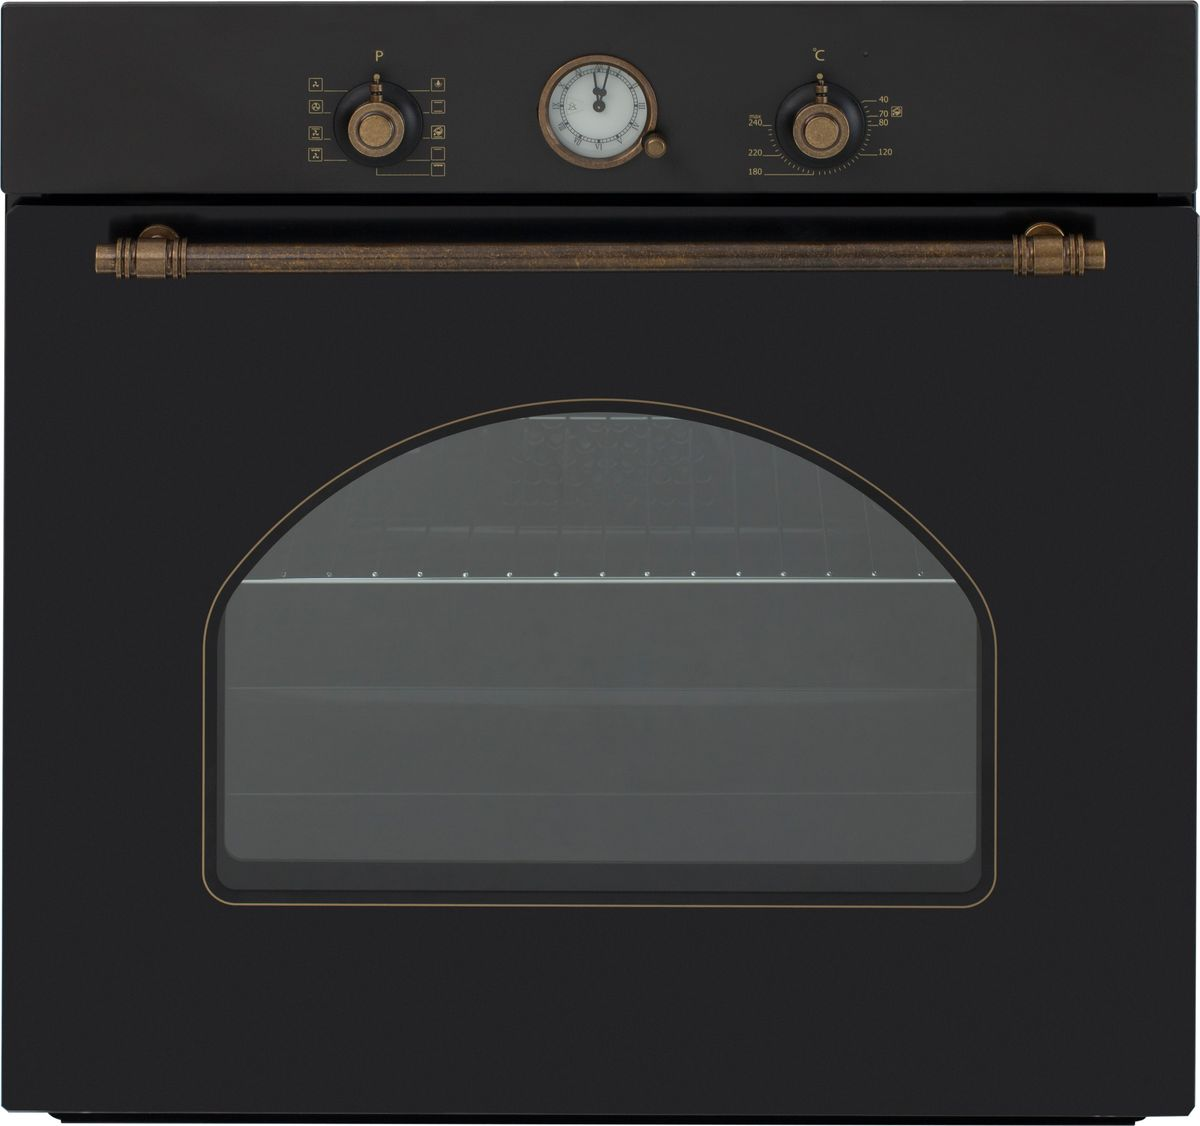 Электрический духовой шкаф встраиваемый Simfer B6EL77017, Black недорго, оригинальная цена